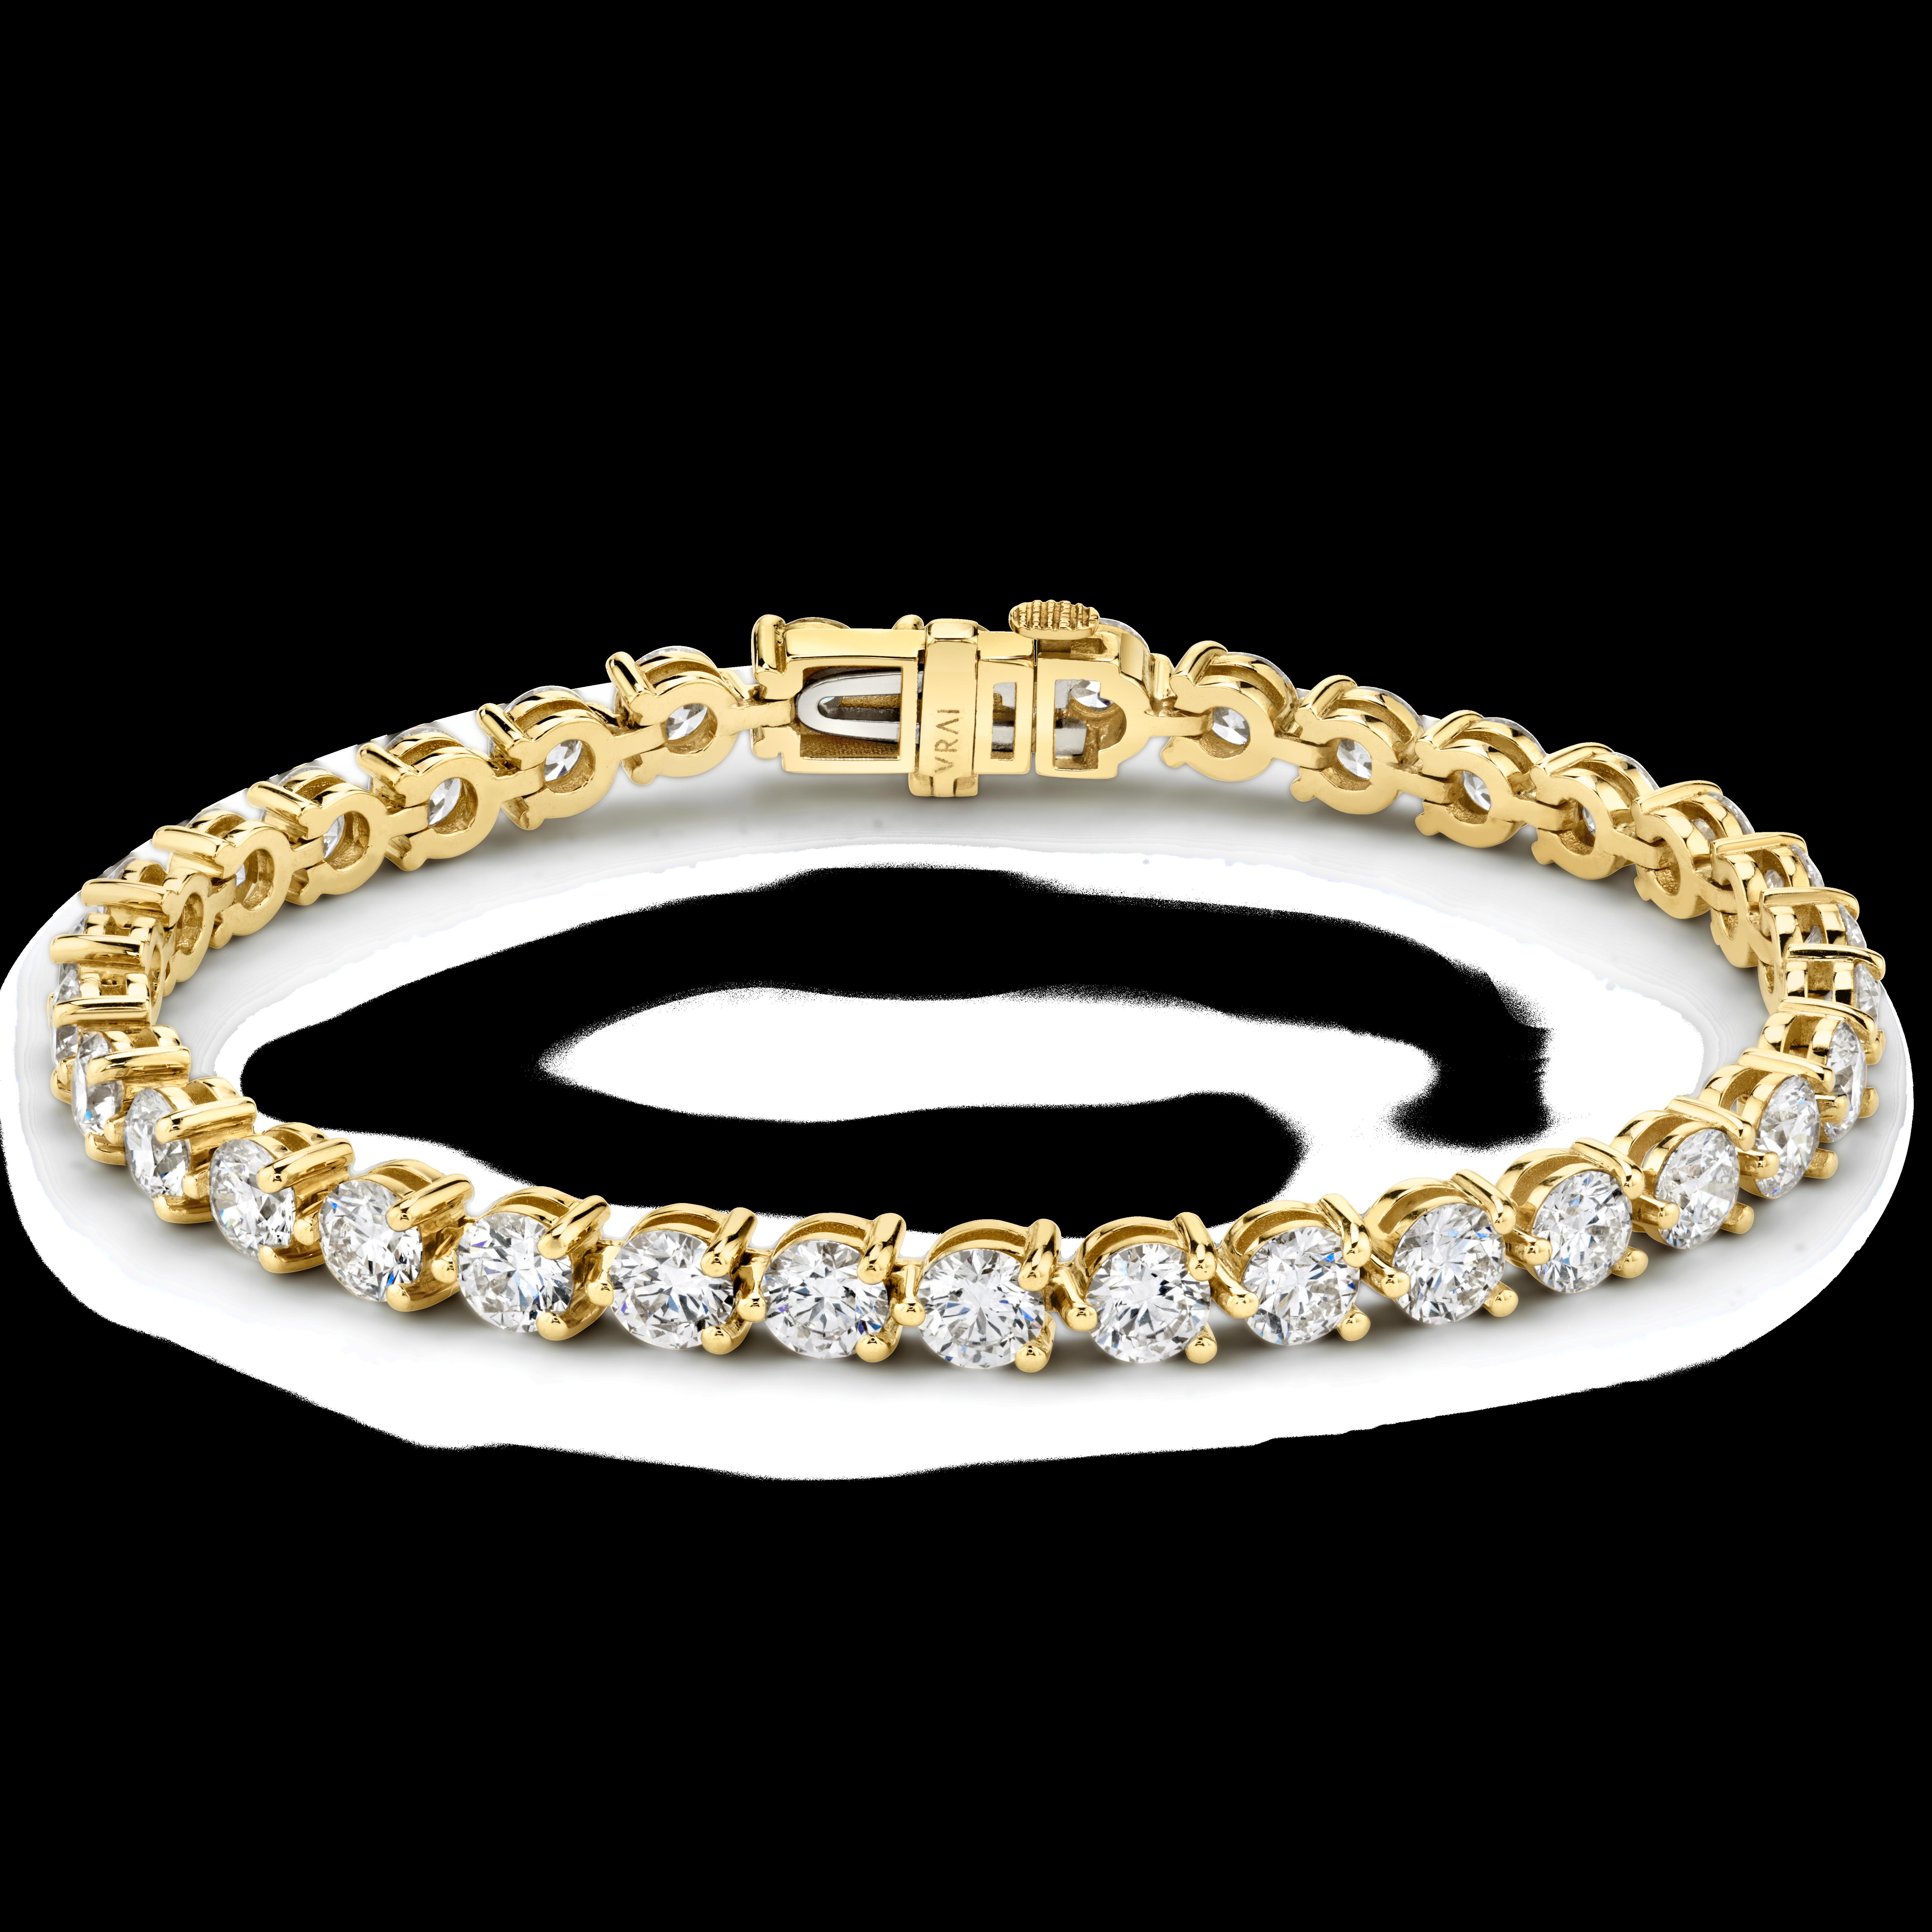 Round Tennis Bracelet - Petite